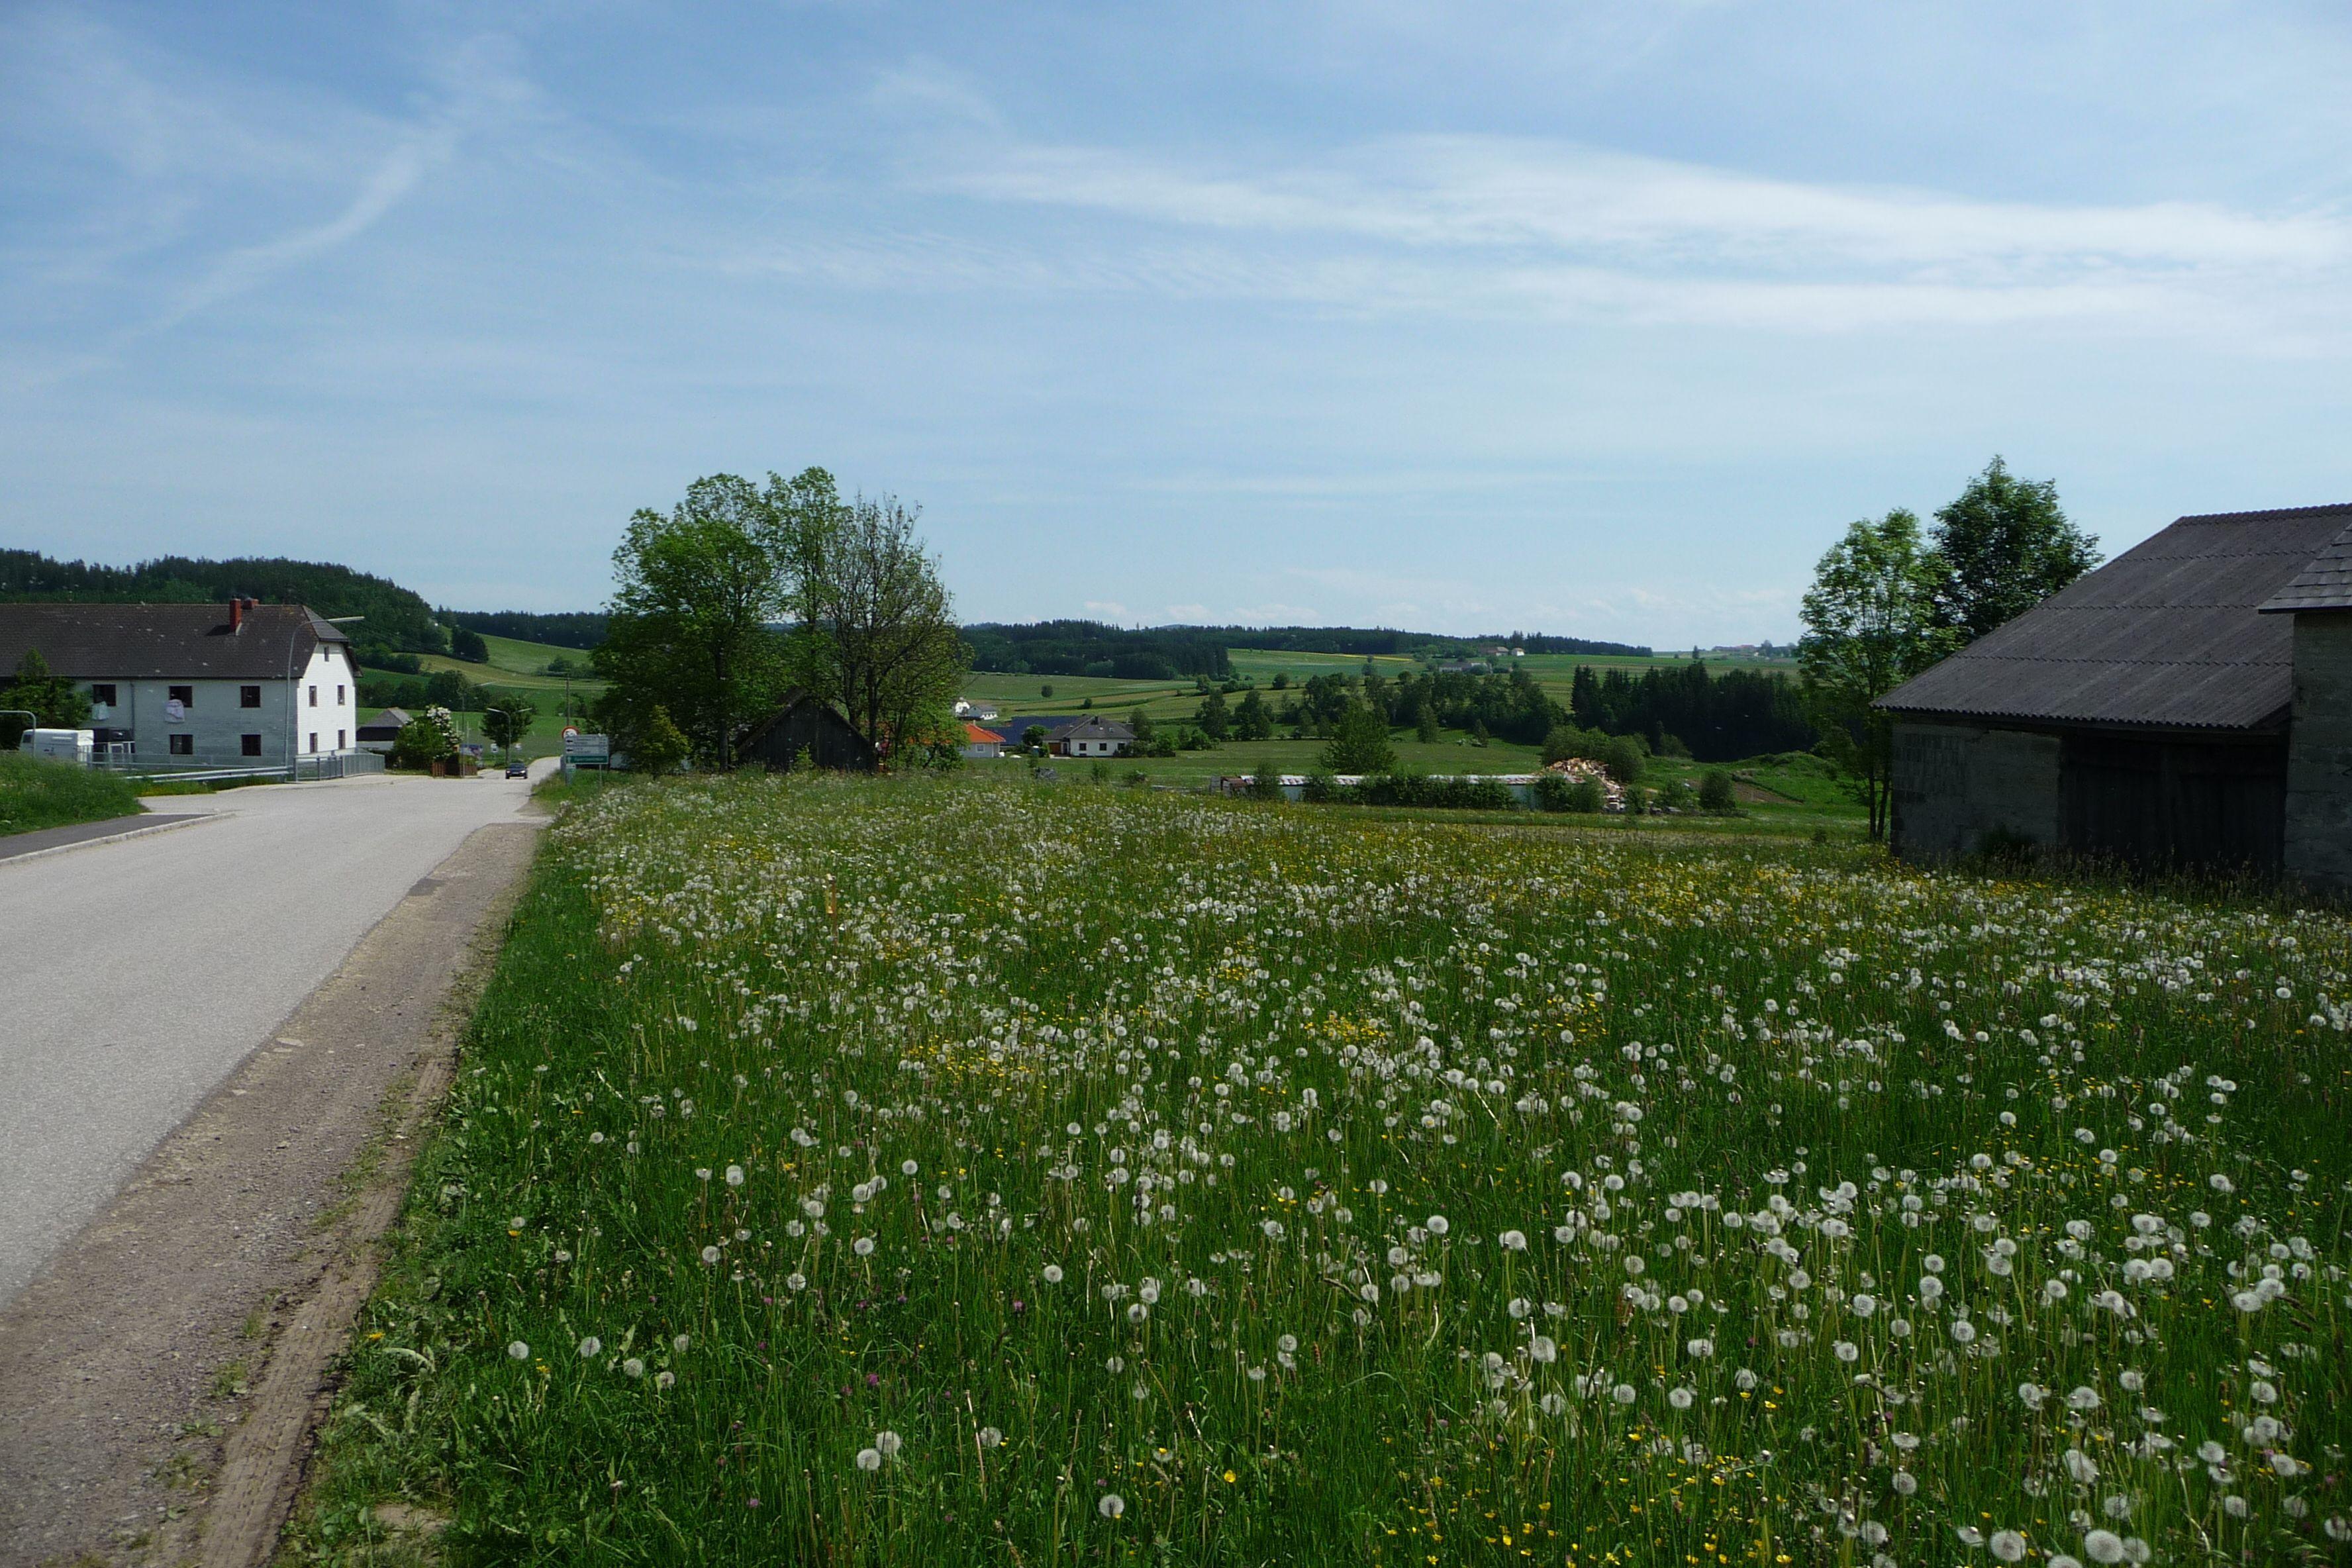 Save the Date: Infoabend ber die Klimakrise in Bad Leonfelden